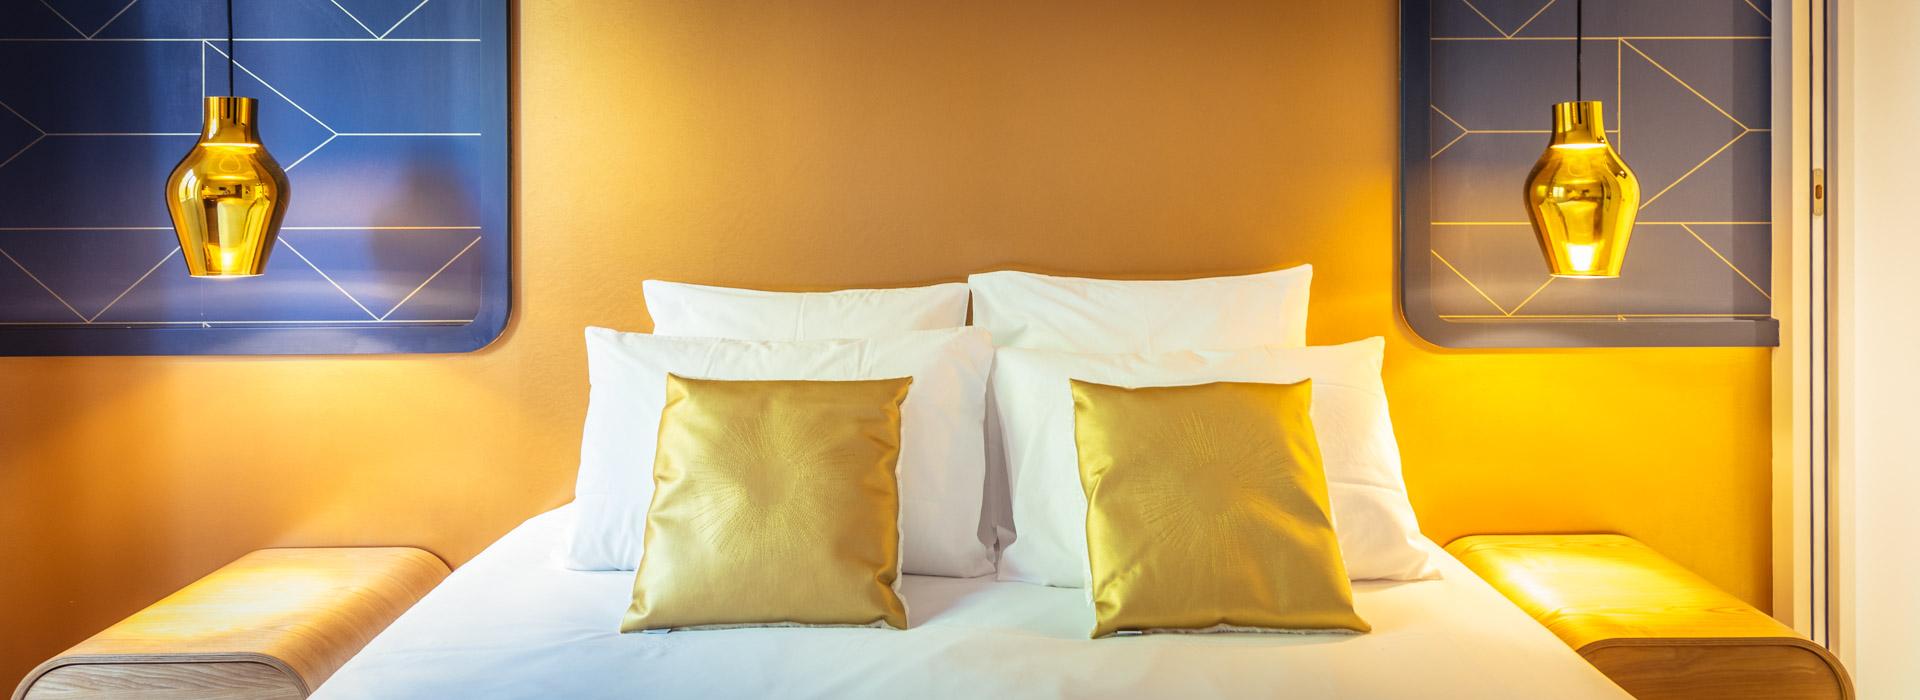 Habitación Hotel Saumur Pmr